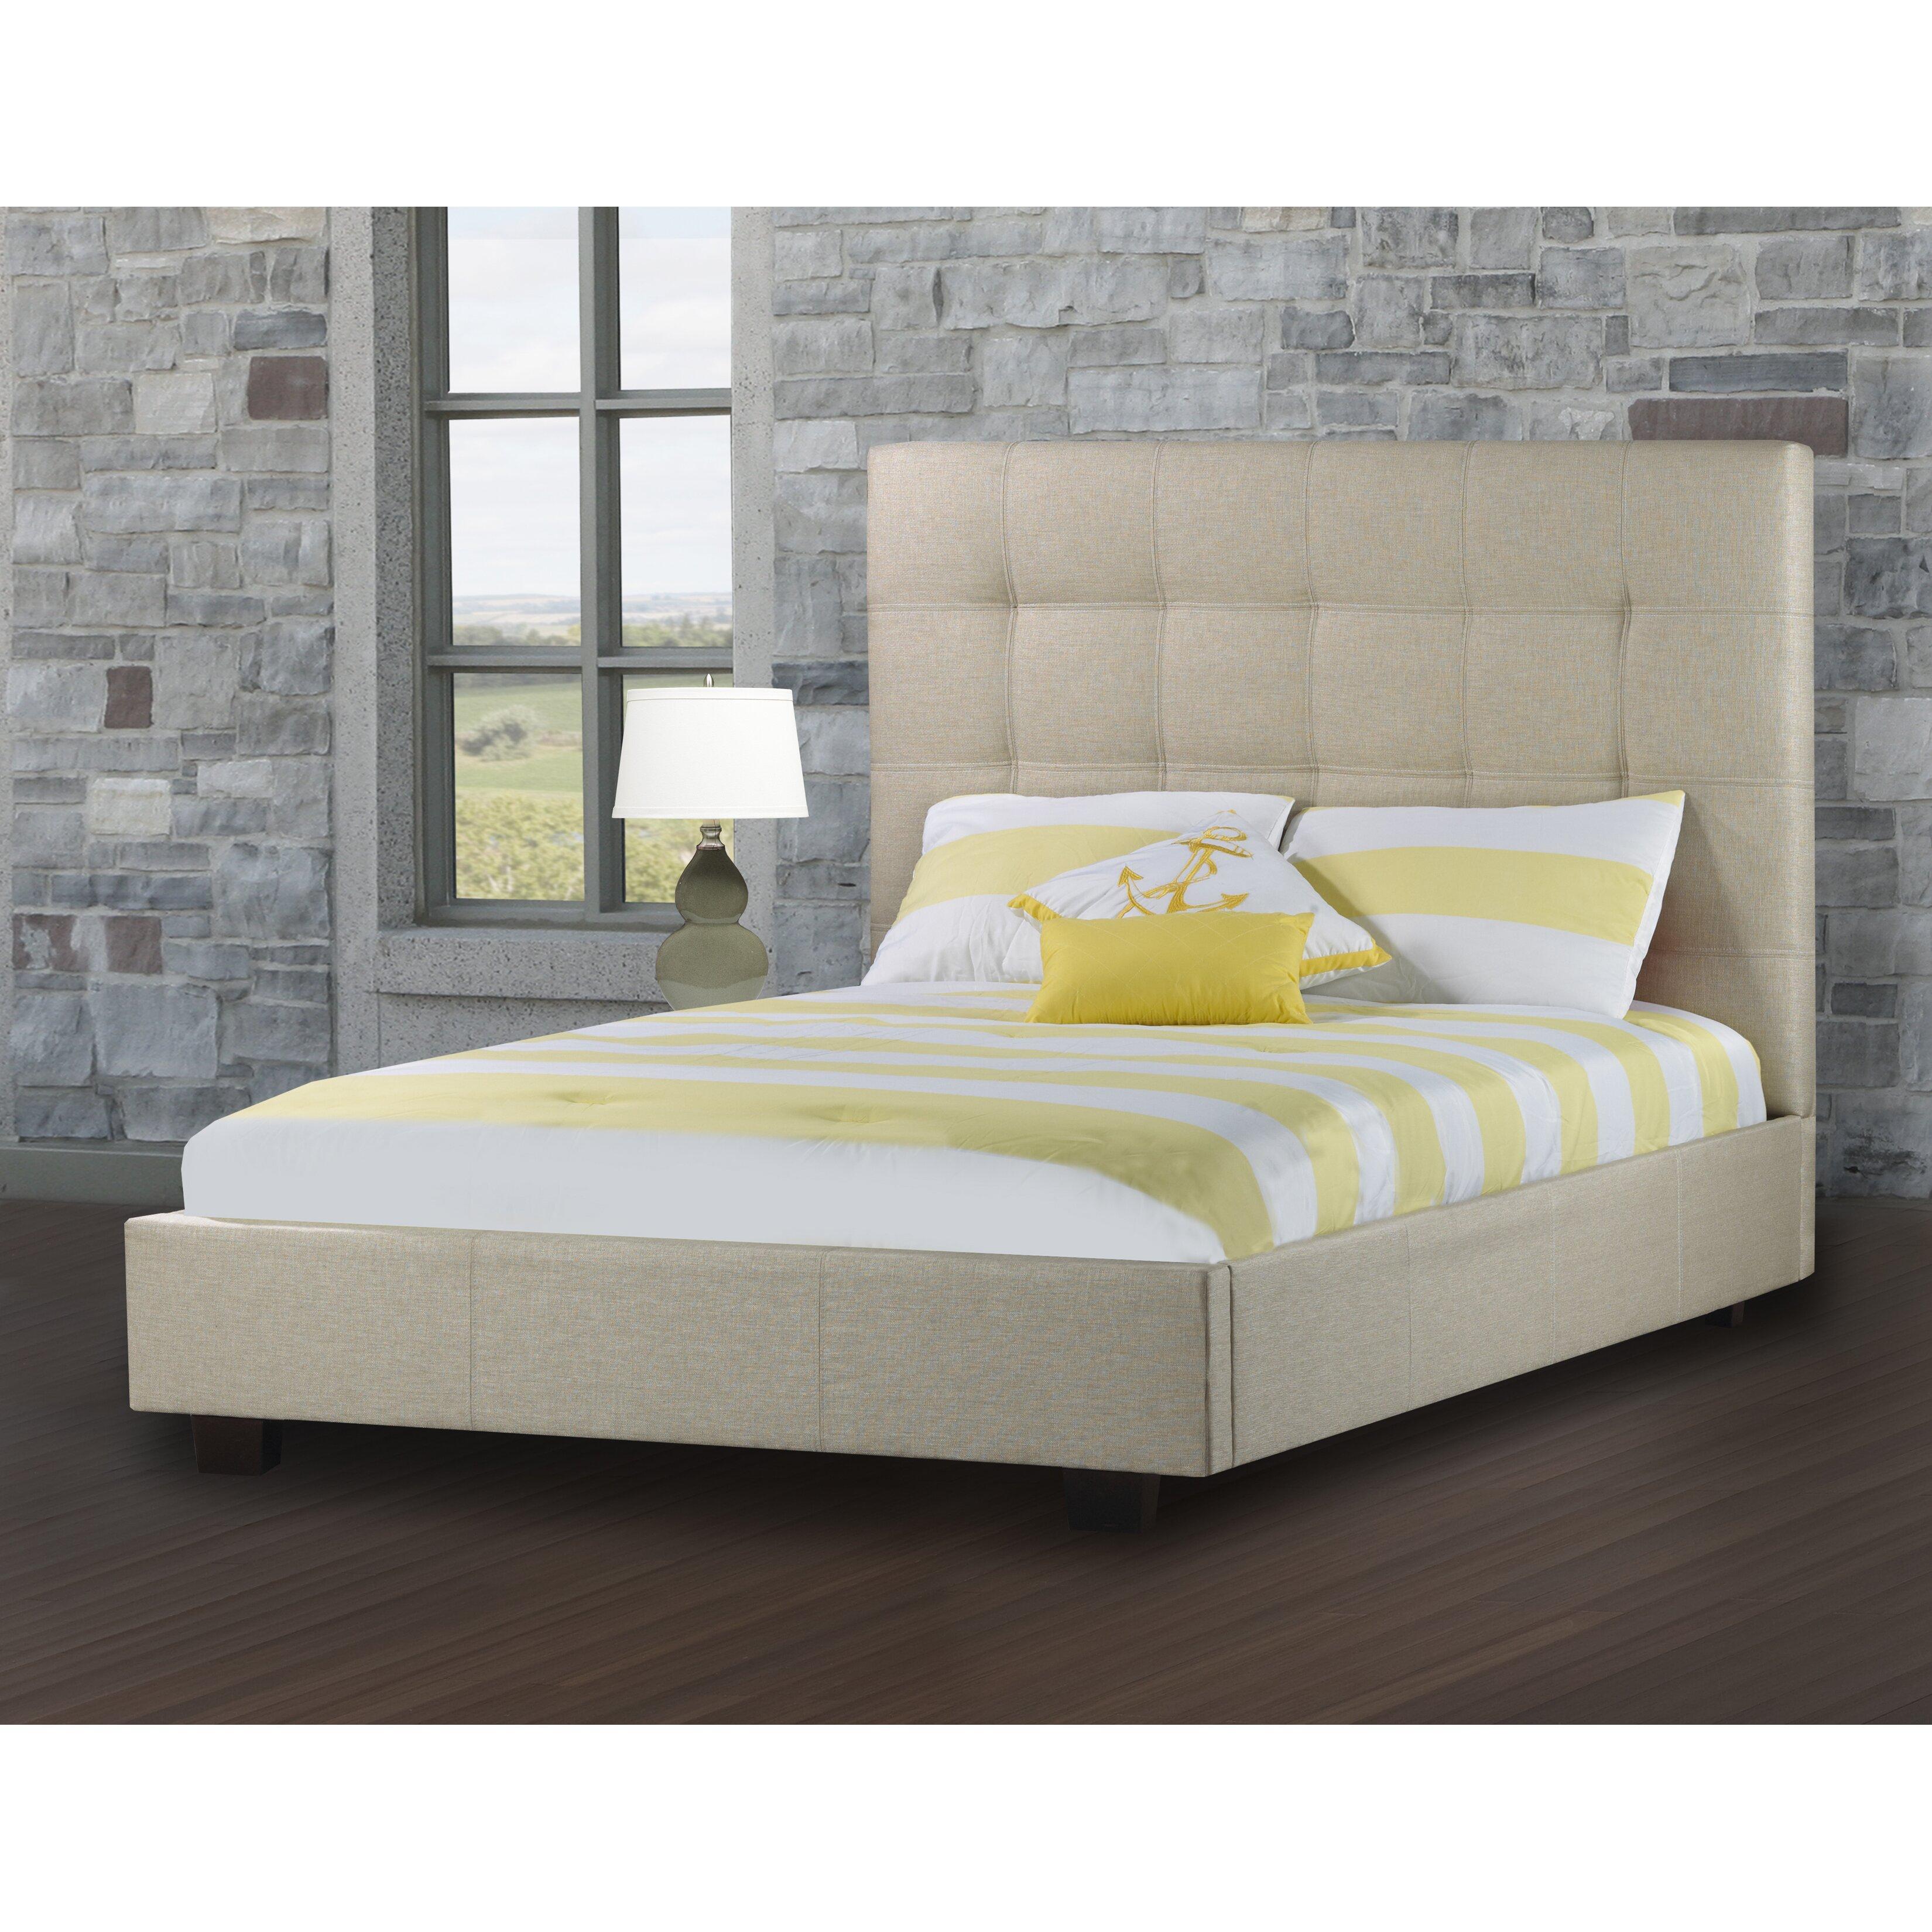 Upholstered Platform Bed By Rosemount